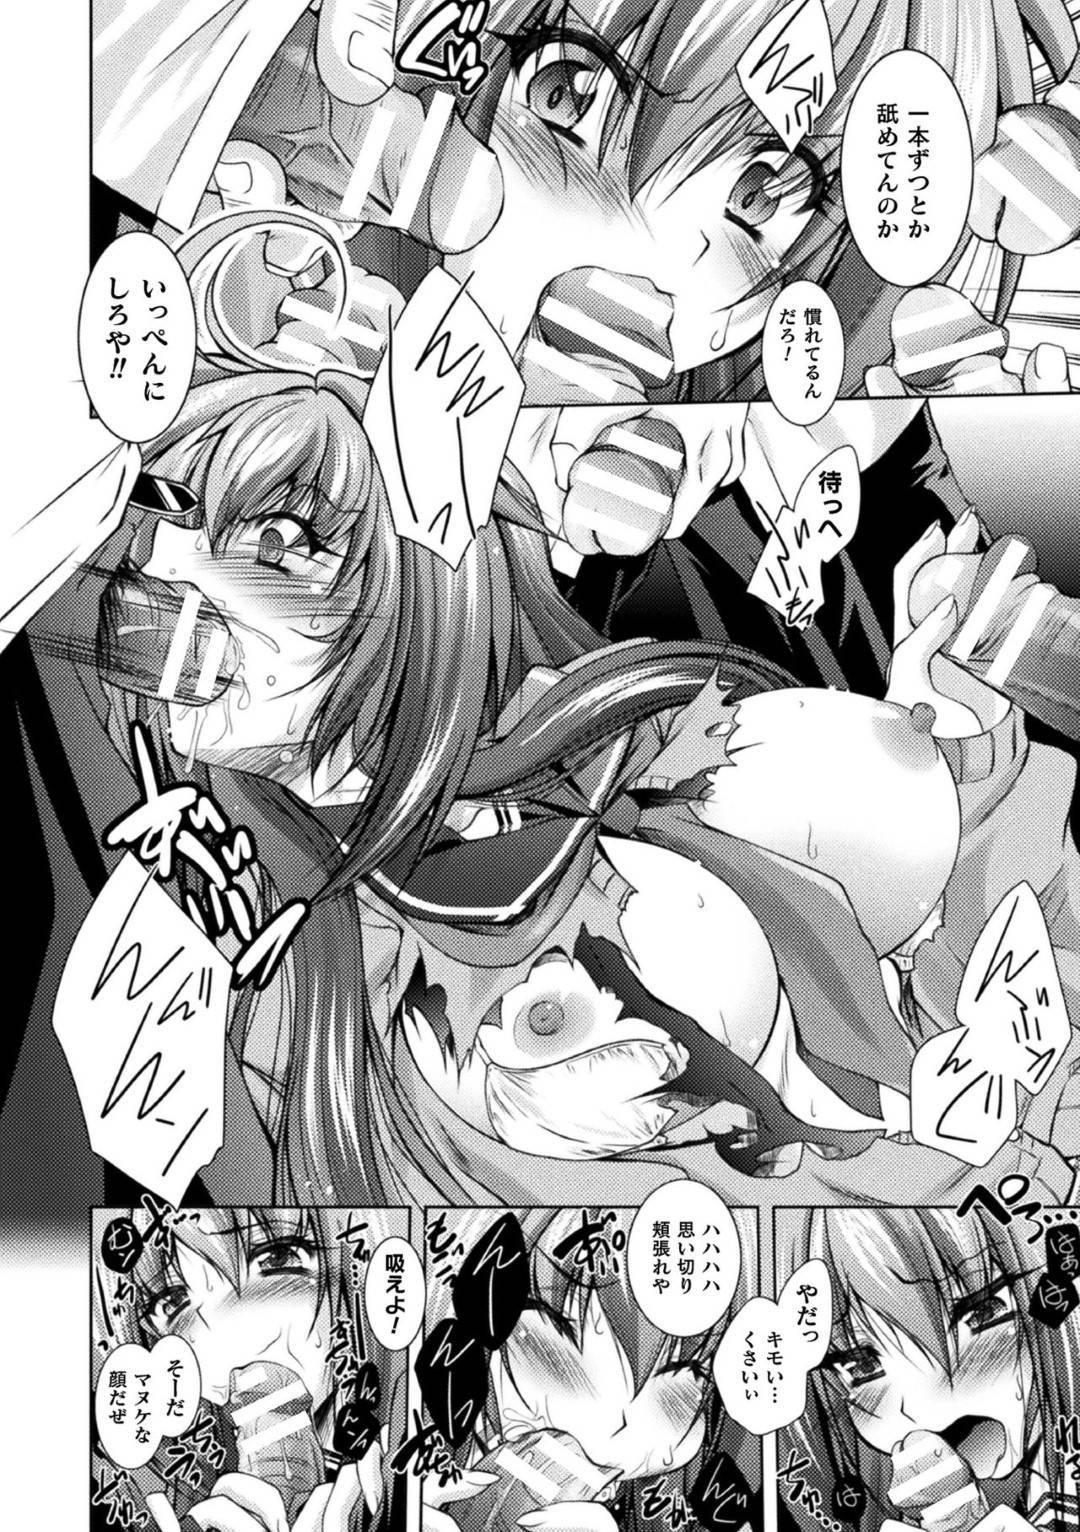 【エロ漫画】不良生徒達の悪事を暴くため暗躍するJK刑事の瞳。激昂した男たちから返り討ちに遭ってしまった彼女は脅迫を受けて輪姦される展開になってしまう。次々と勃起チンポを膣やアナルに挿入されて完全敗北する。